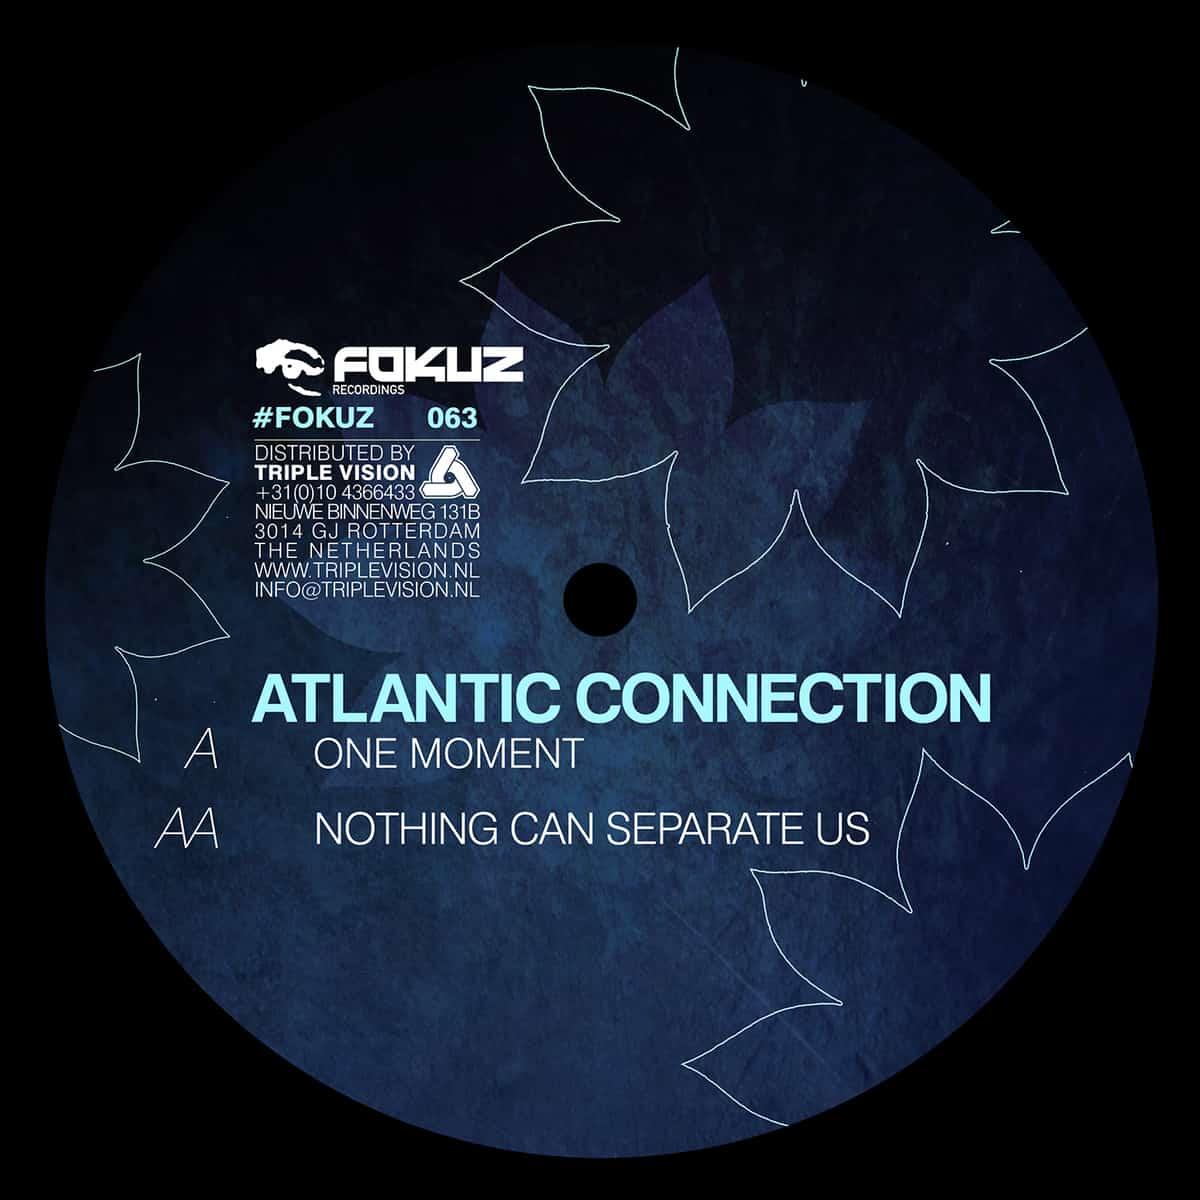 FOKUZ-063-vinyl-B-(2)-FOR-WEB